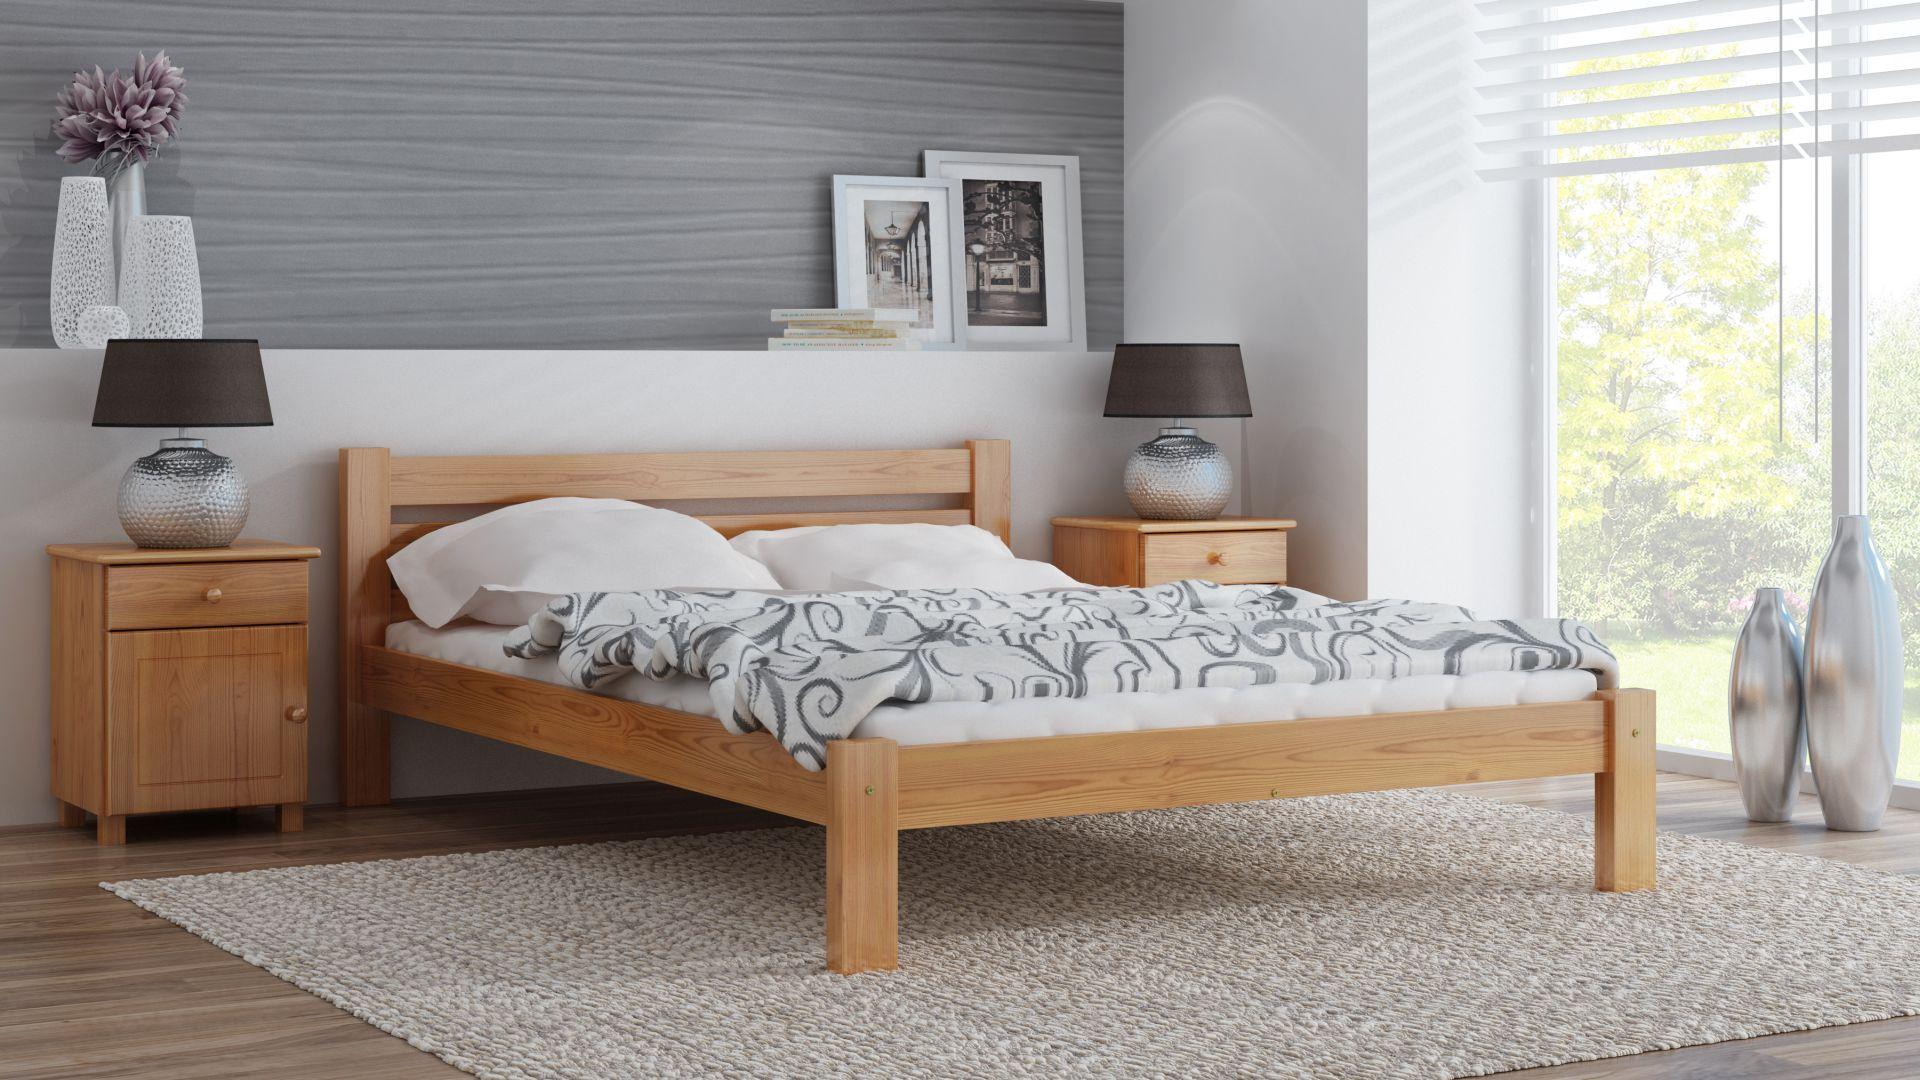 drewniane łóżko w minimalistycznej sypialni